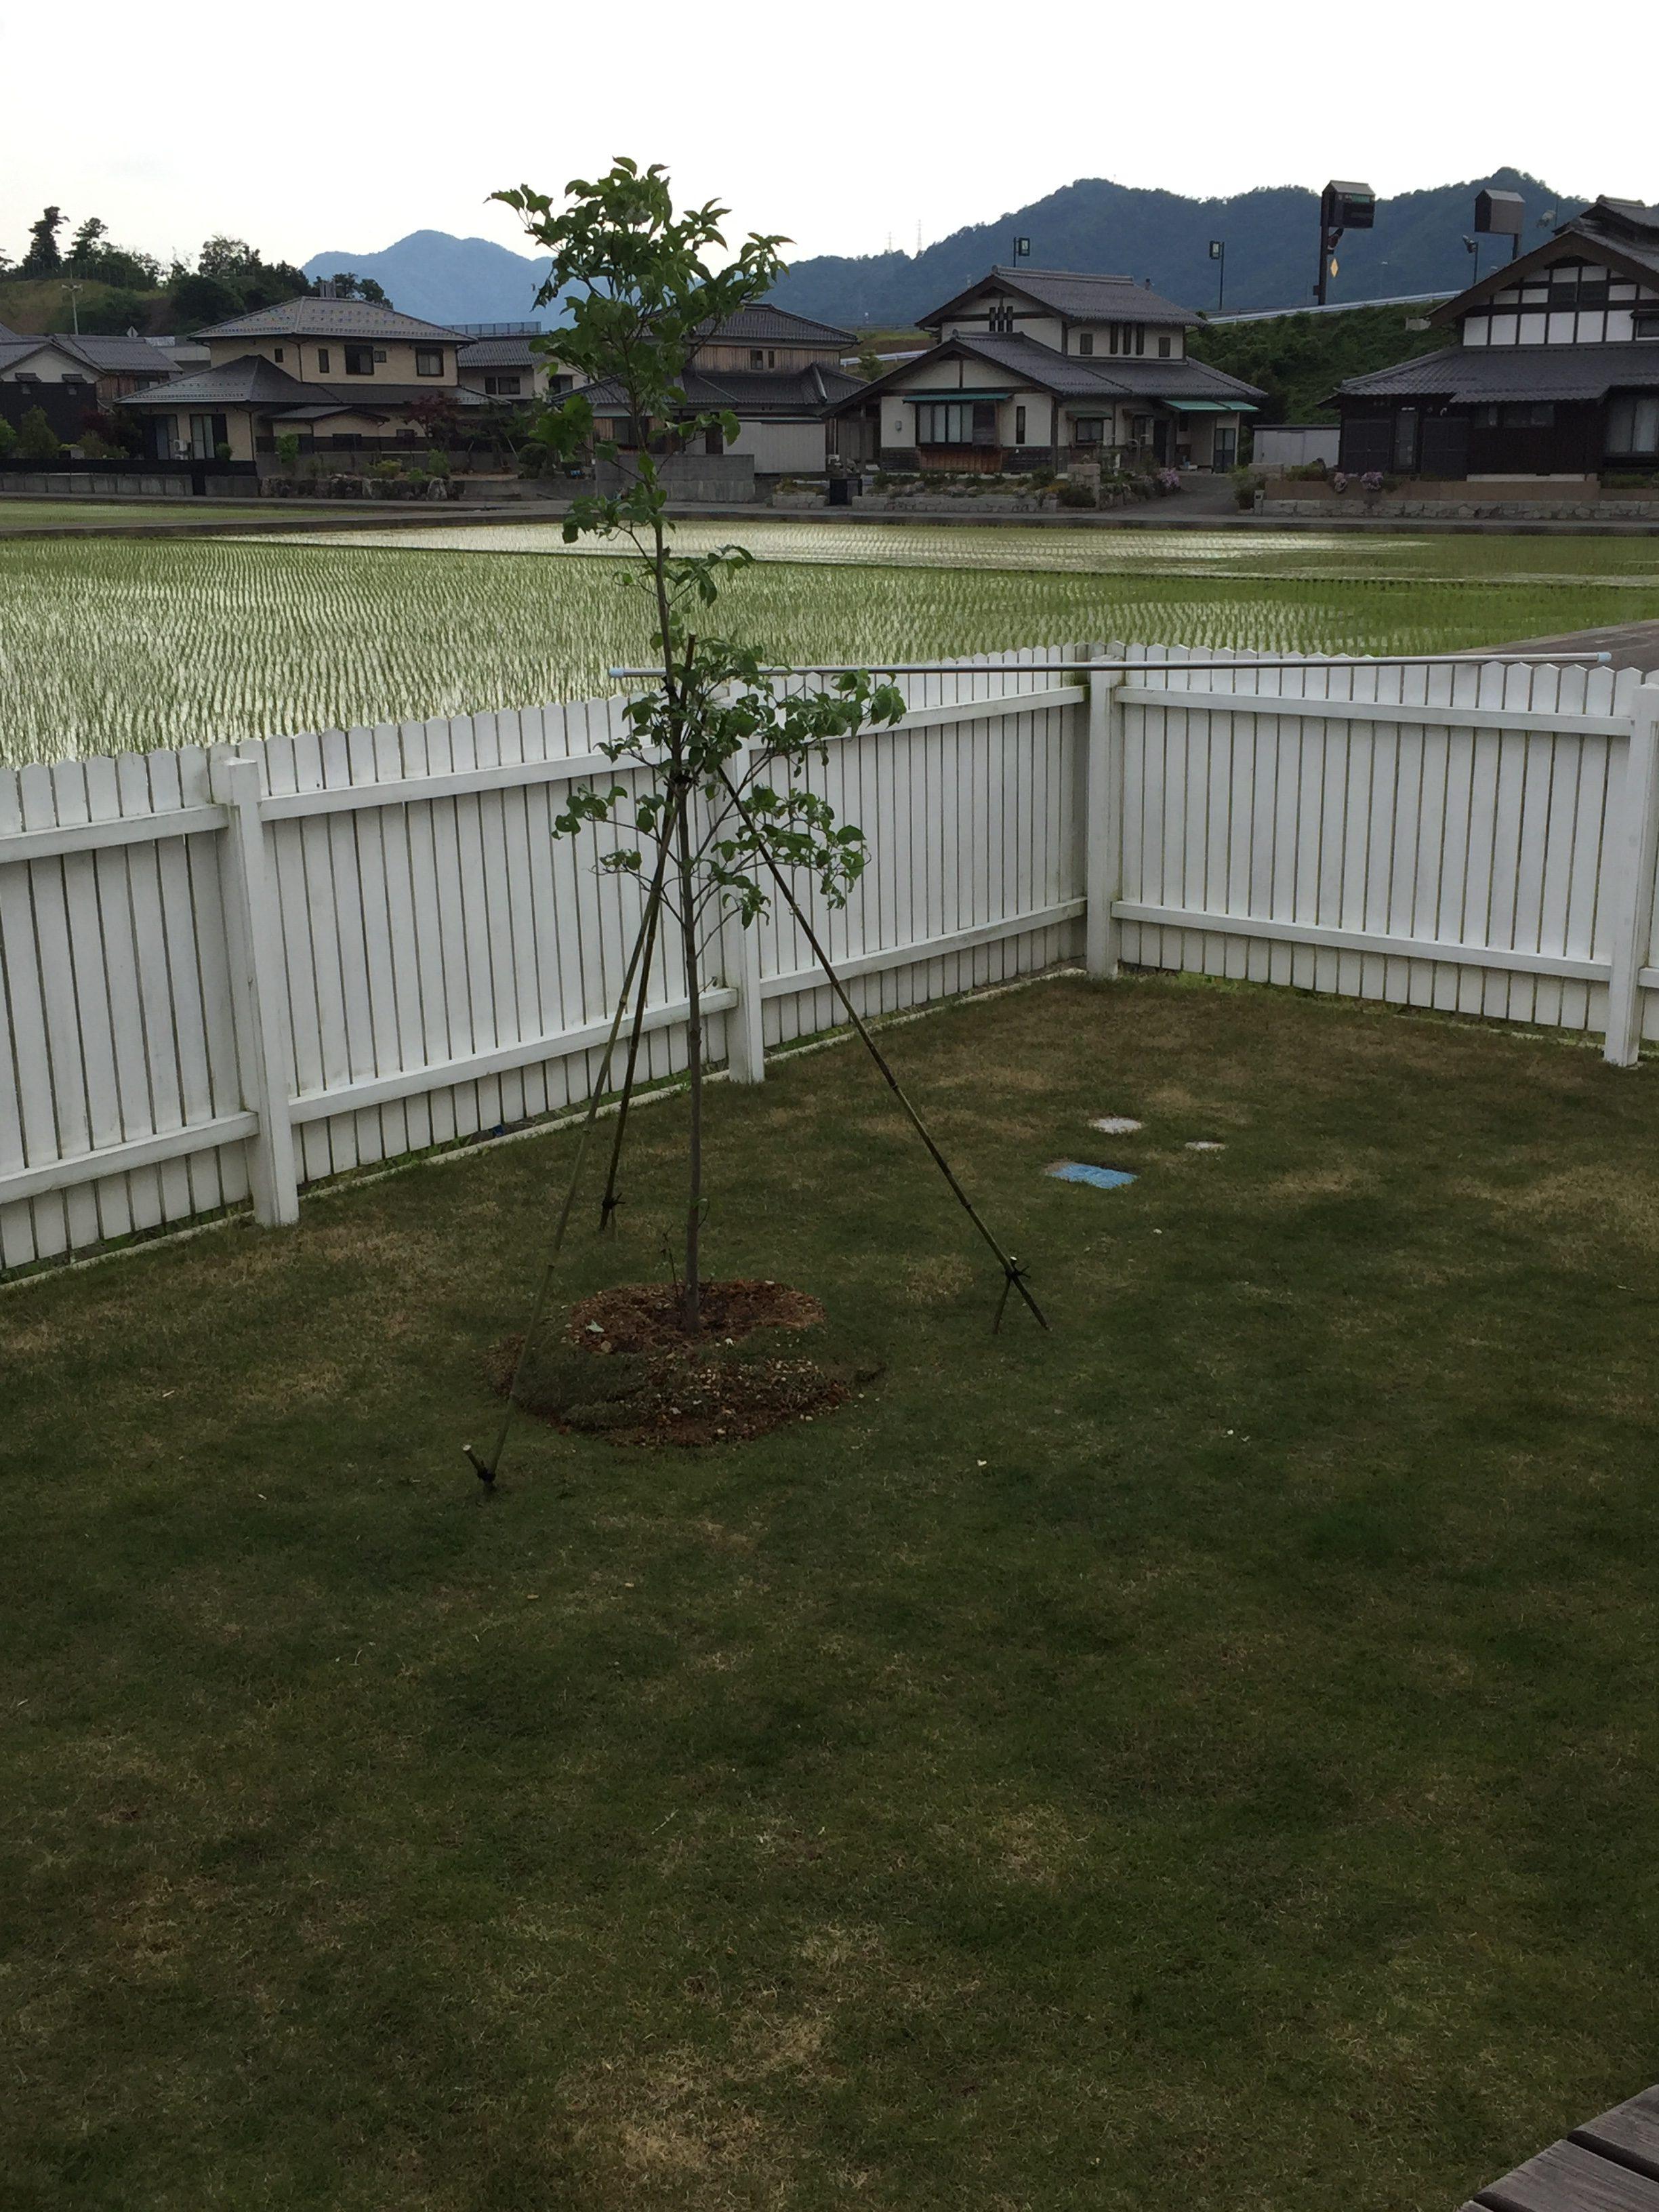 2017.05.23 芝生の状況